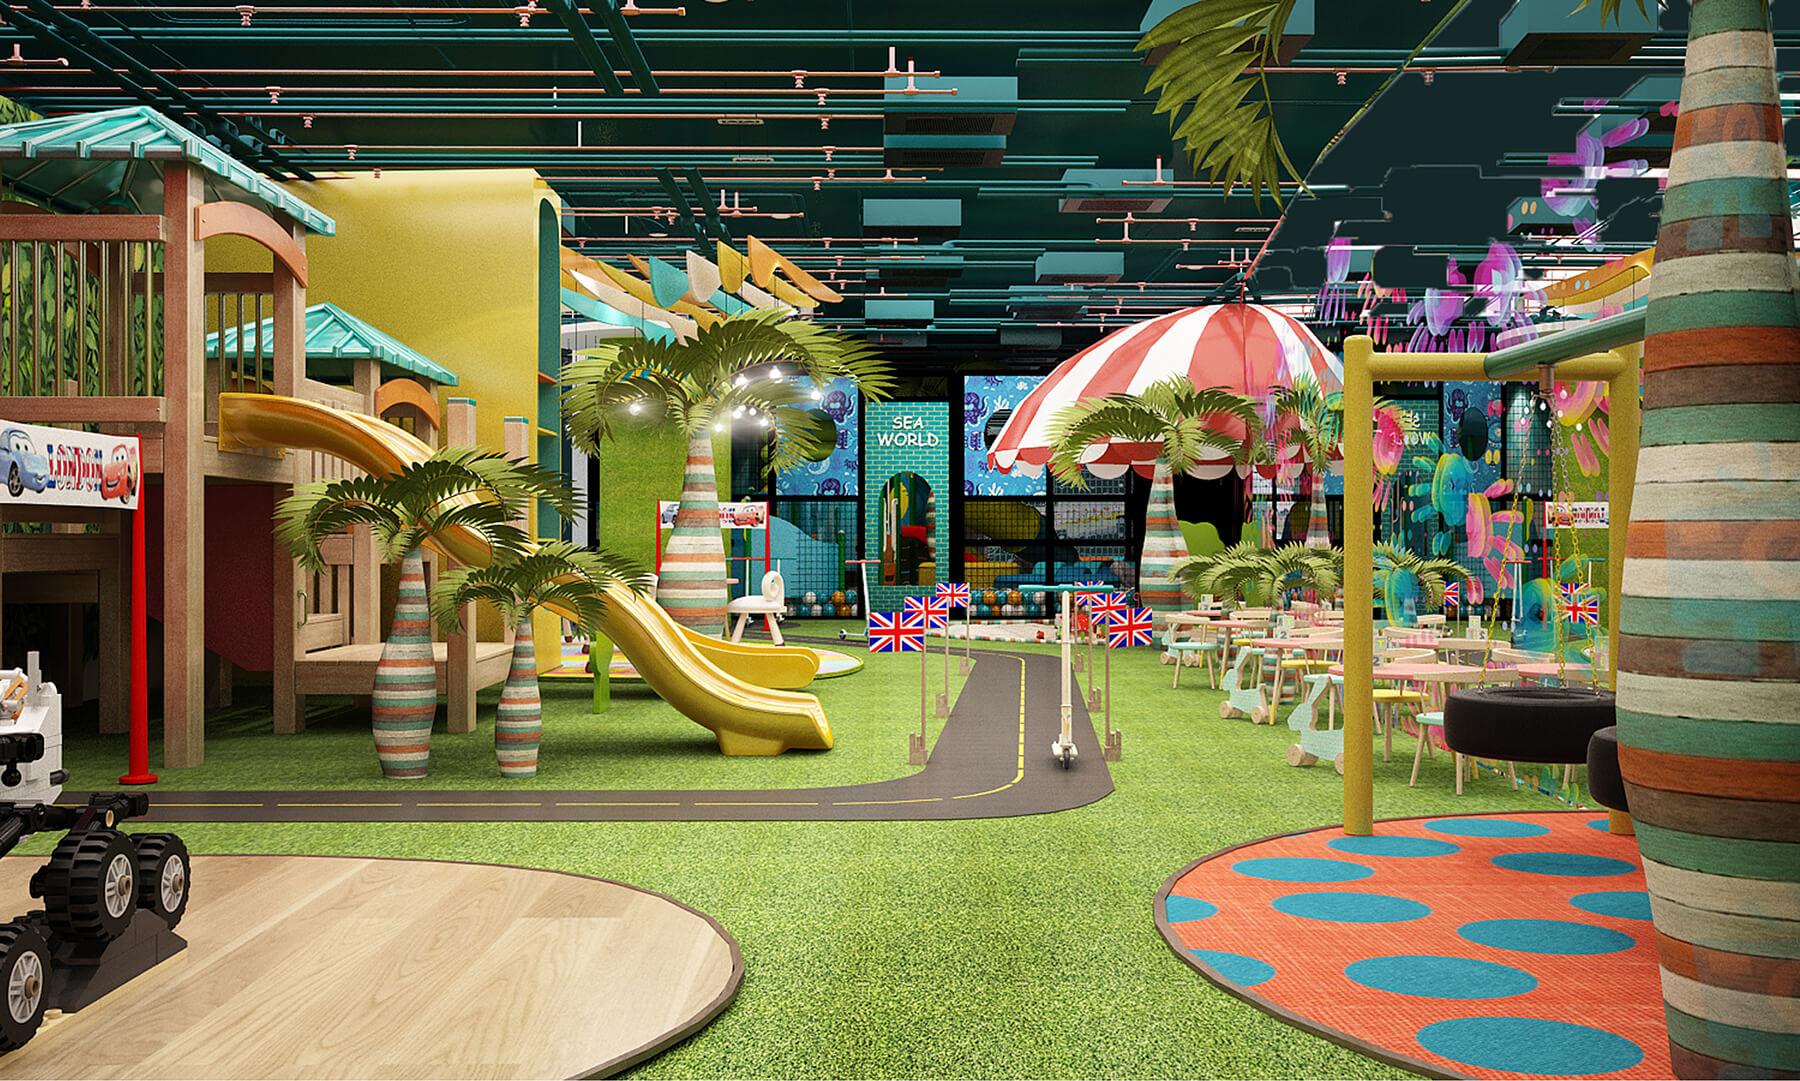 Phối cảnh 3D của khu vui chơi trẻ em trong nhà tại Vũng Tàu